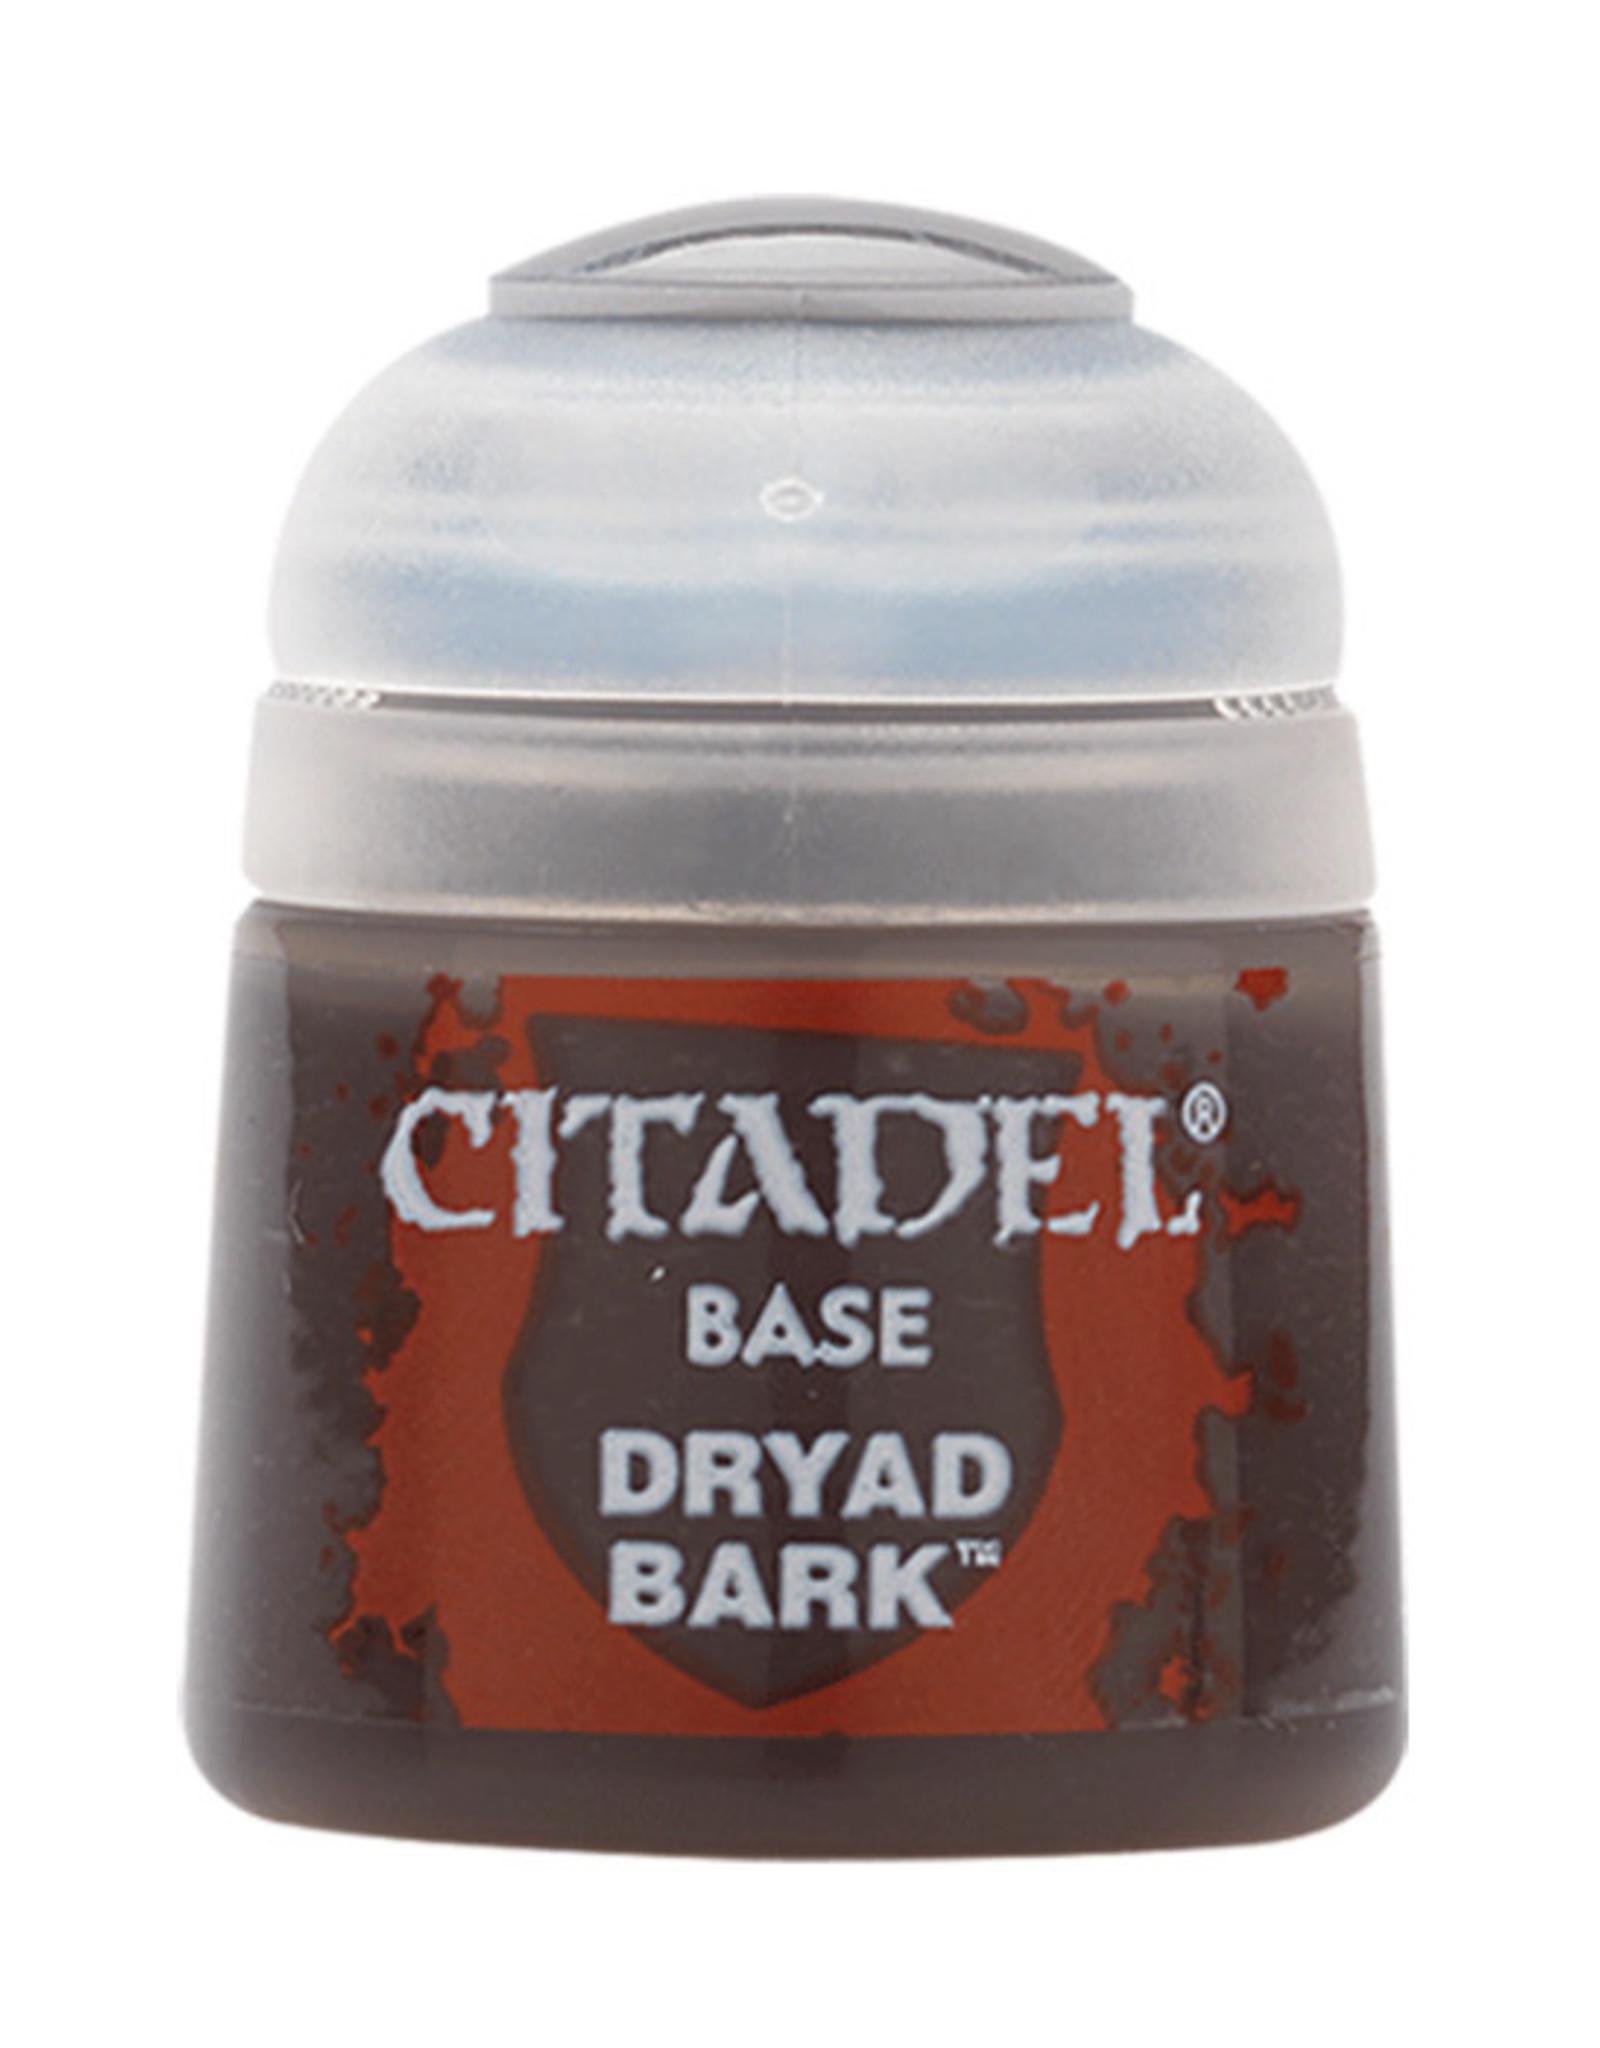 Citadel Citadel Colour: Base - Dryad Bark